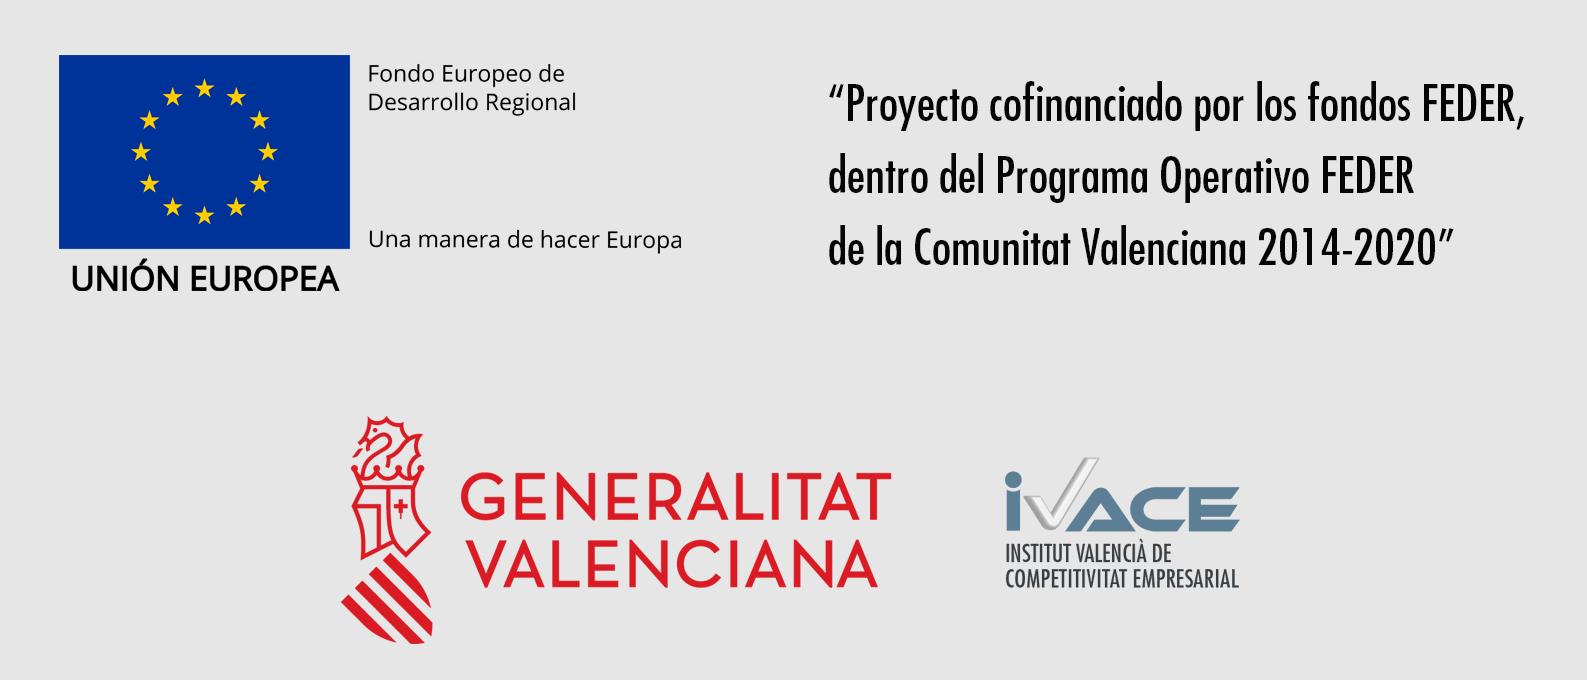 Verdíssimo consigue con éxito la ayuda DIGITALIZA-CV TELETRABAJO 2020 del IVACE - Verdissimo